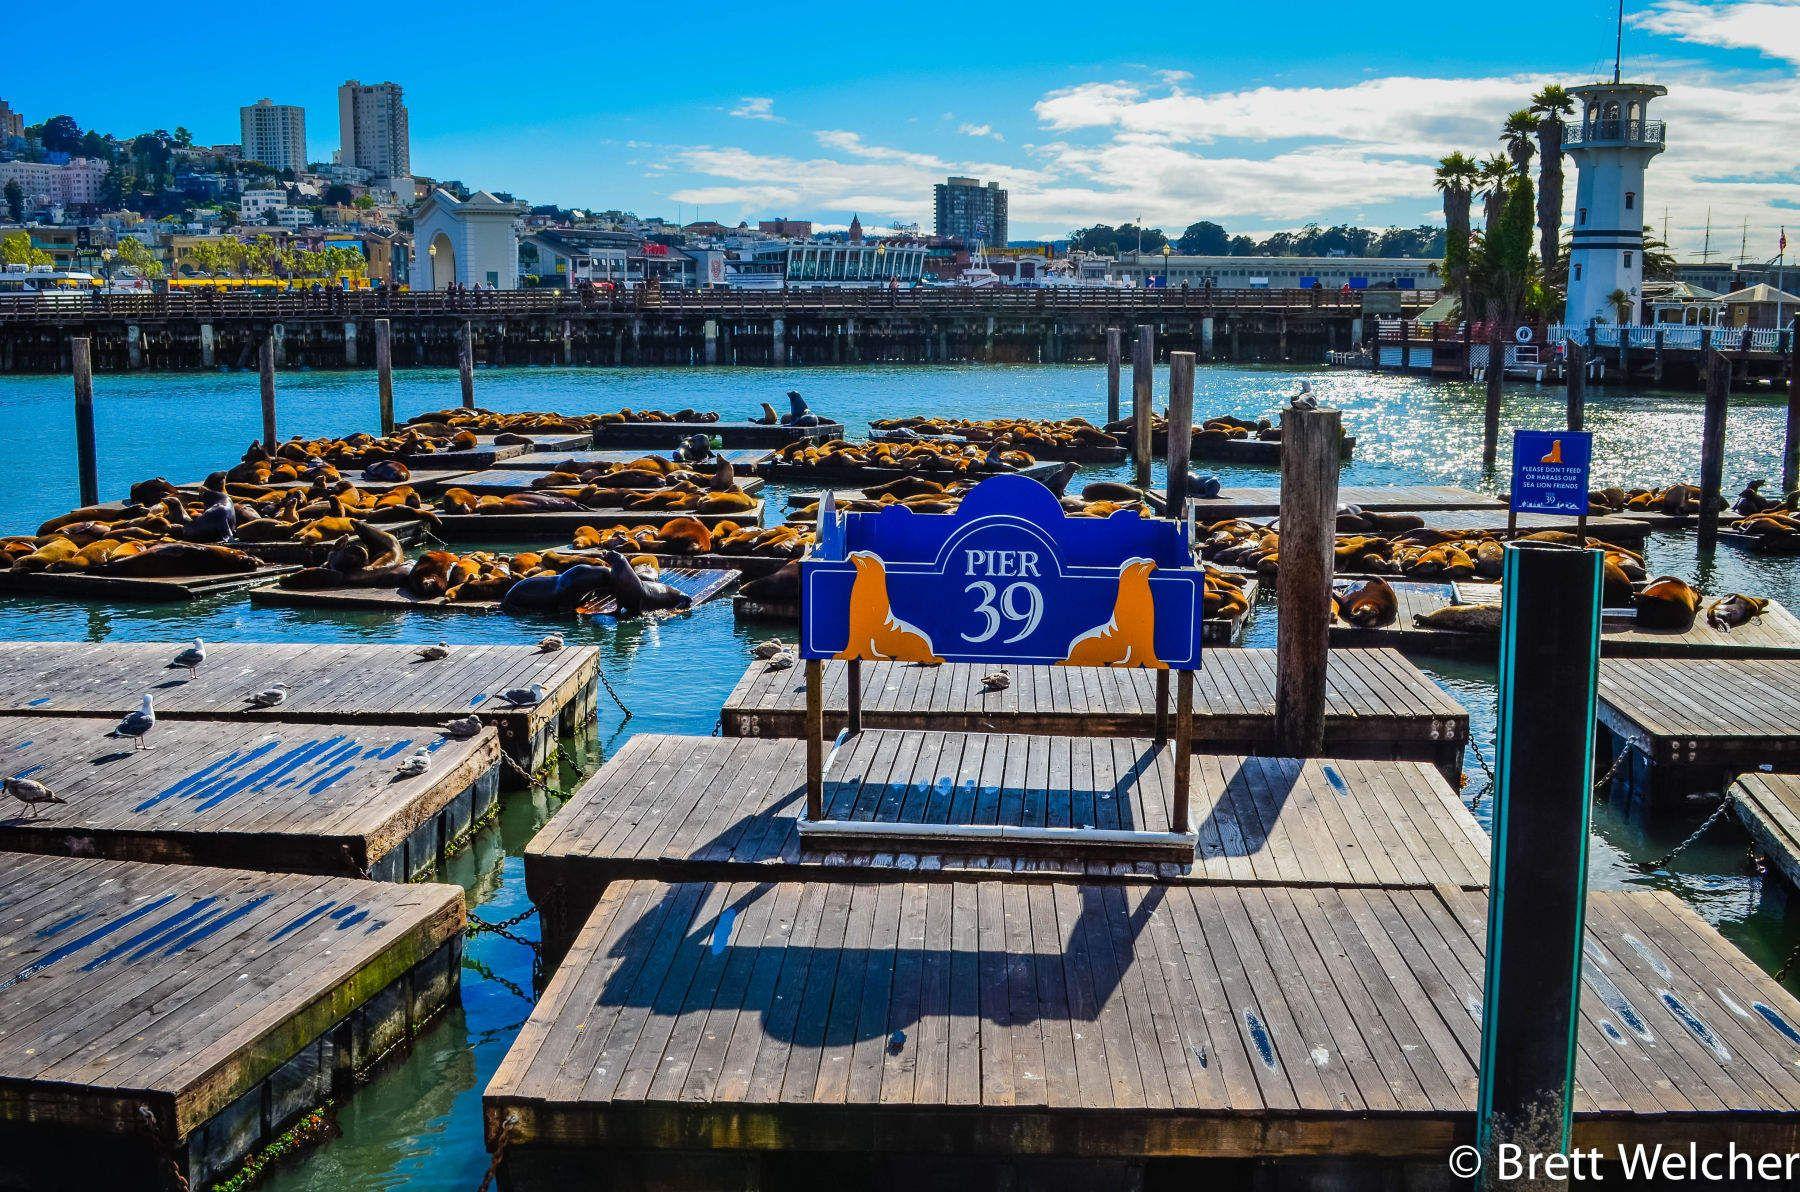 Pier 39 - San Francisco, California